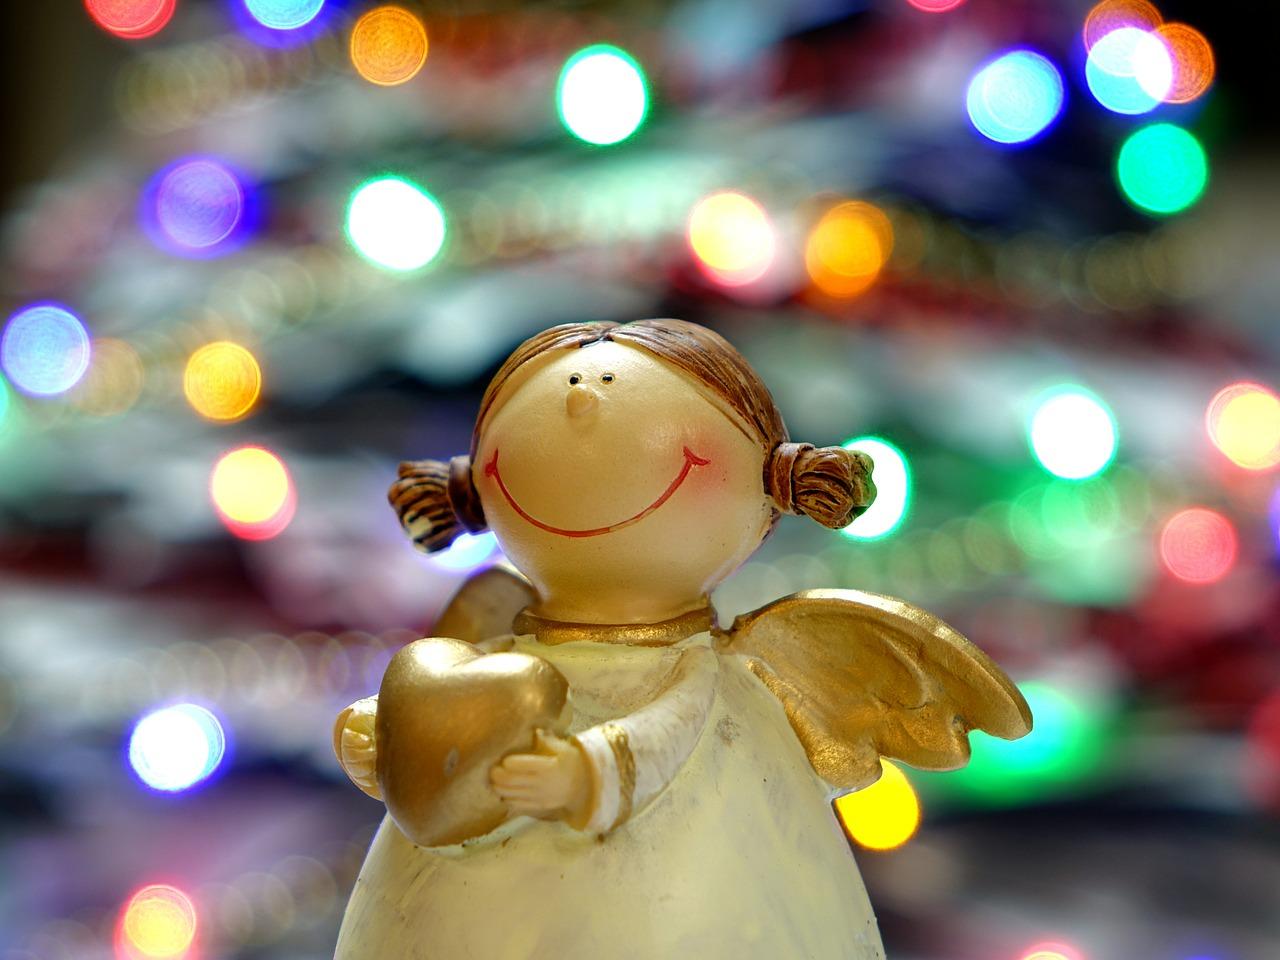 engel-weihnachten